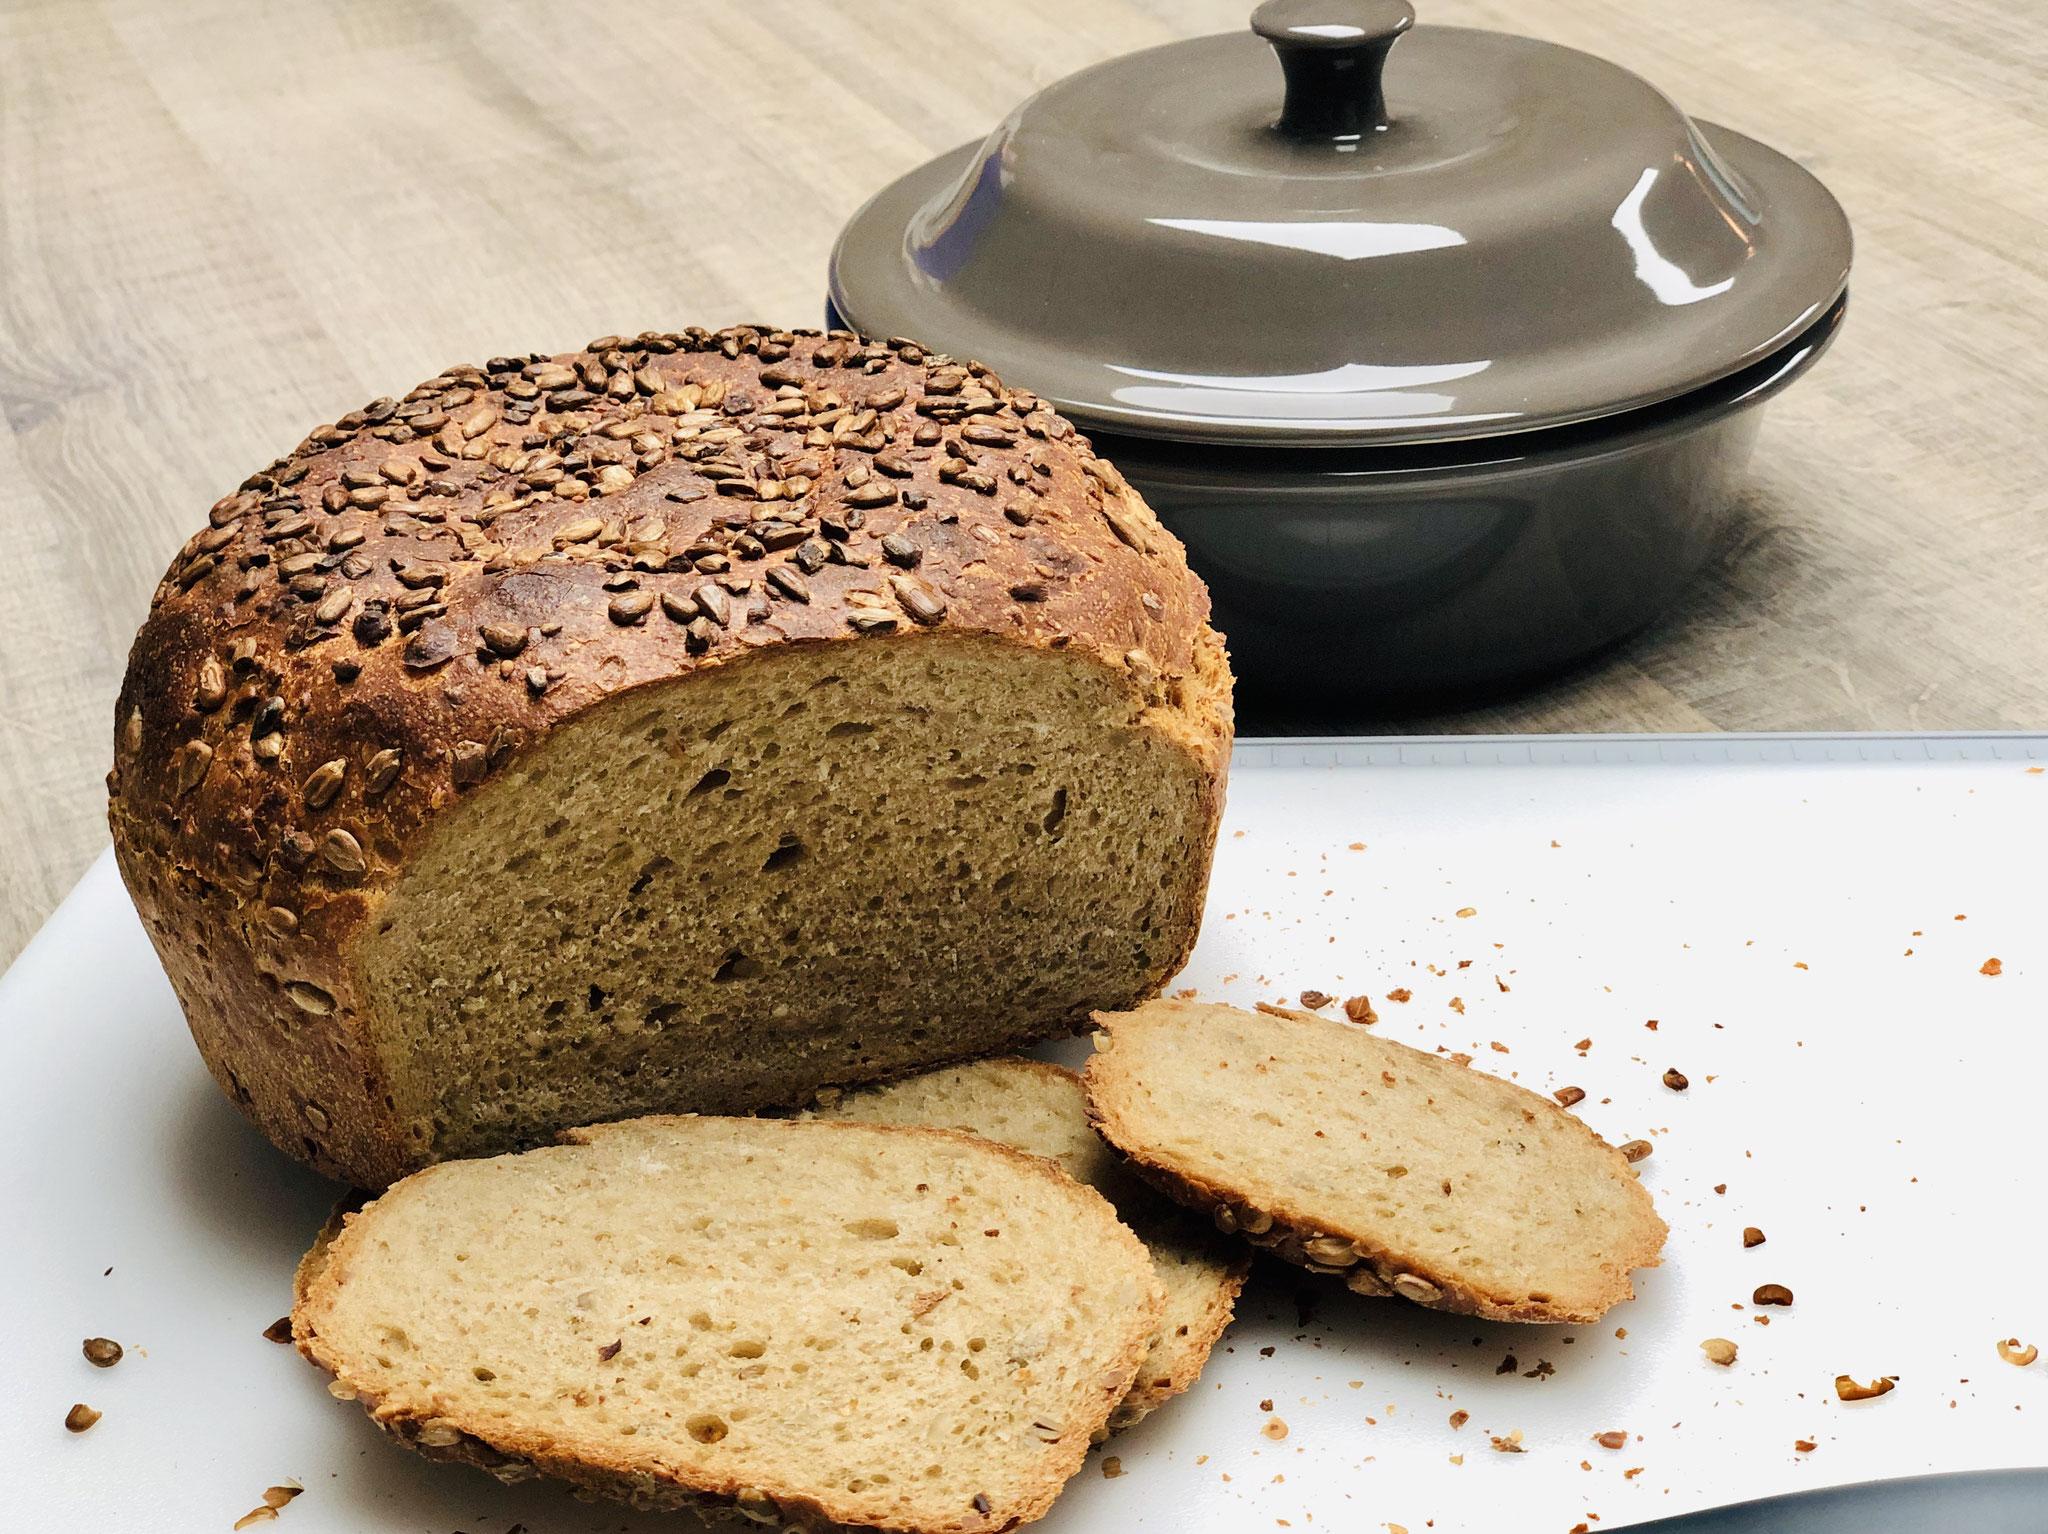 Mit dem Brotmesser kann ich das warme Brot anschneiden, da dieses Messer eine Antihaft Beschichtung hat. Das Pampered Chef Brotmesser ist das beste Brotmesser ever ♥